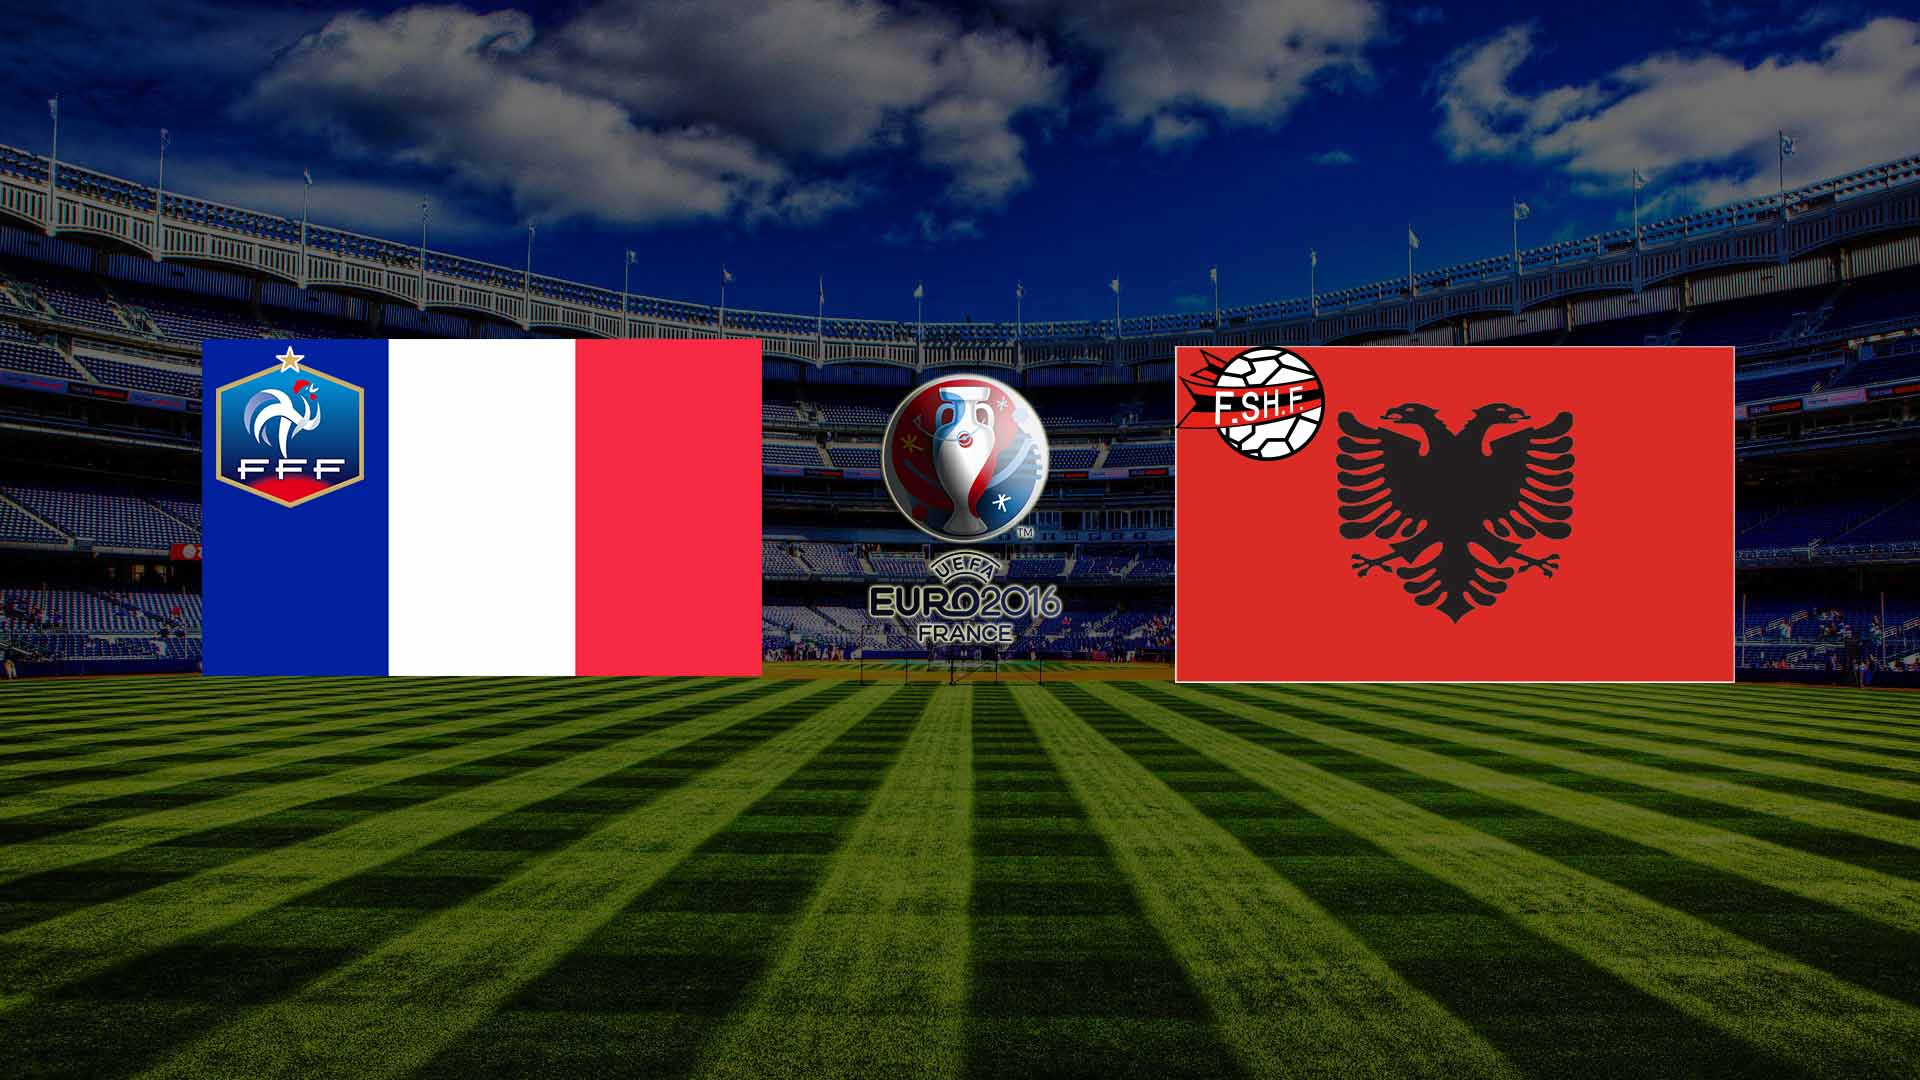 Прогноз на матч Франция - Албания Чемпионата Европы 2016, 15 июня